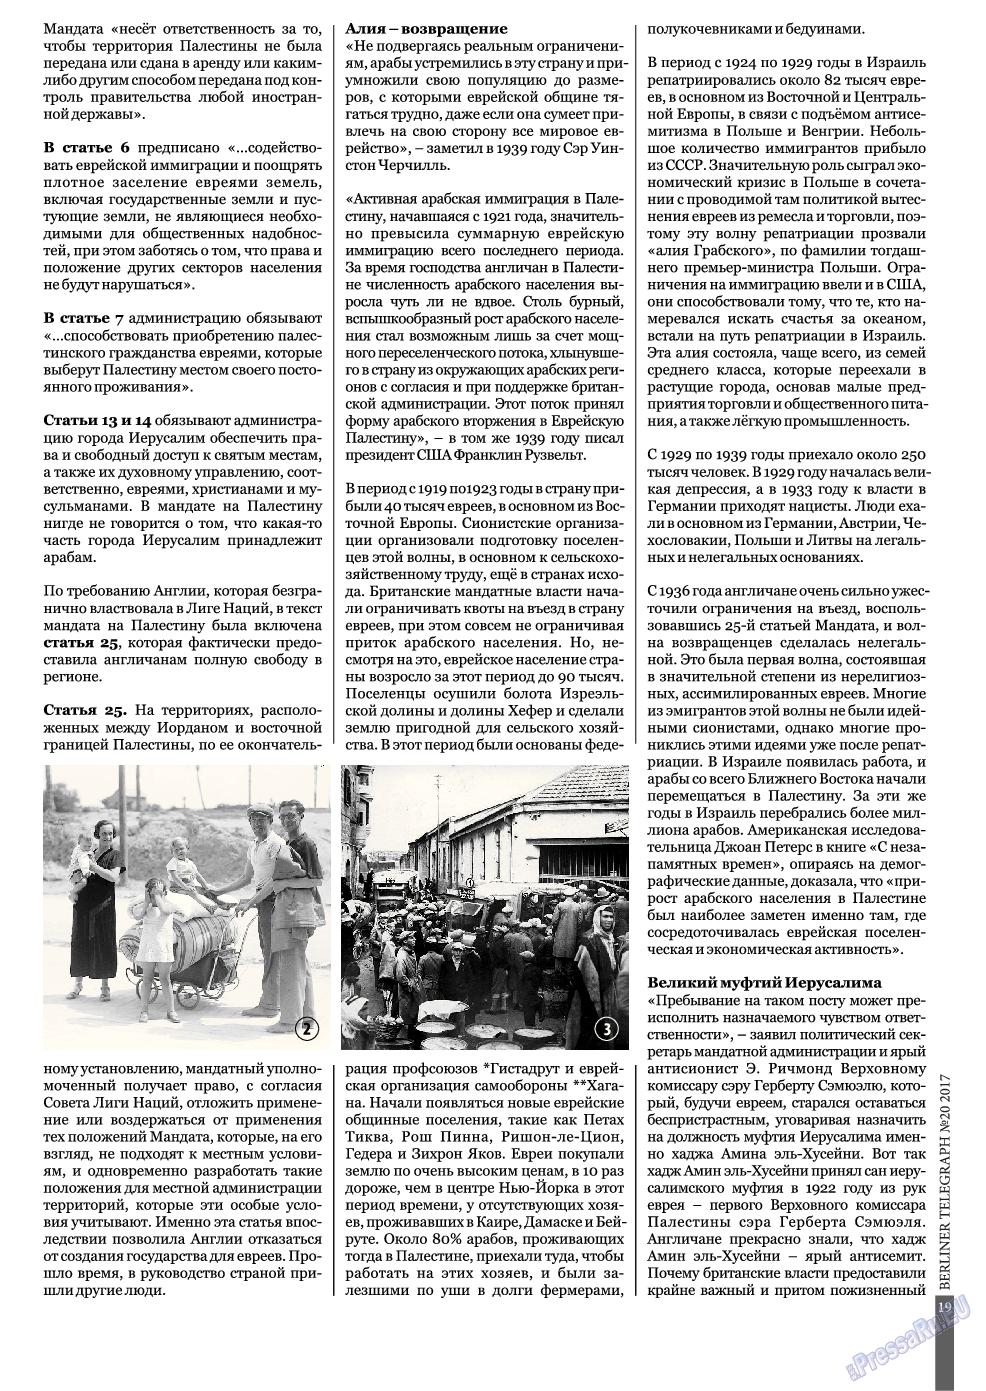 Берлинский телеграф (журнал). 2017 год, номер 20, стр. 19